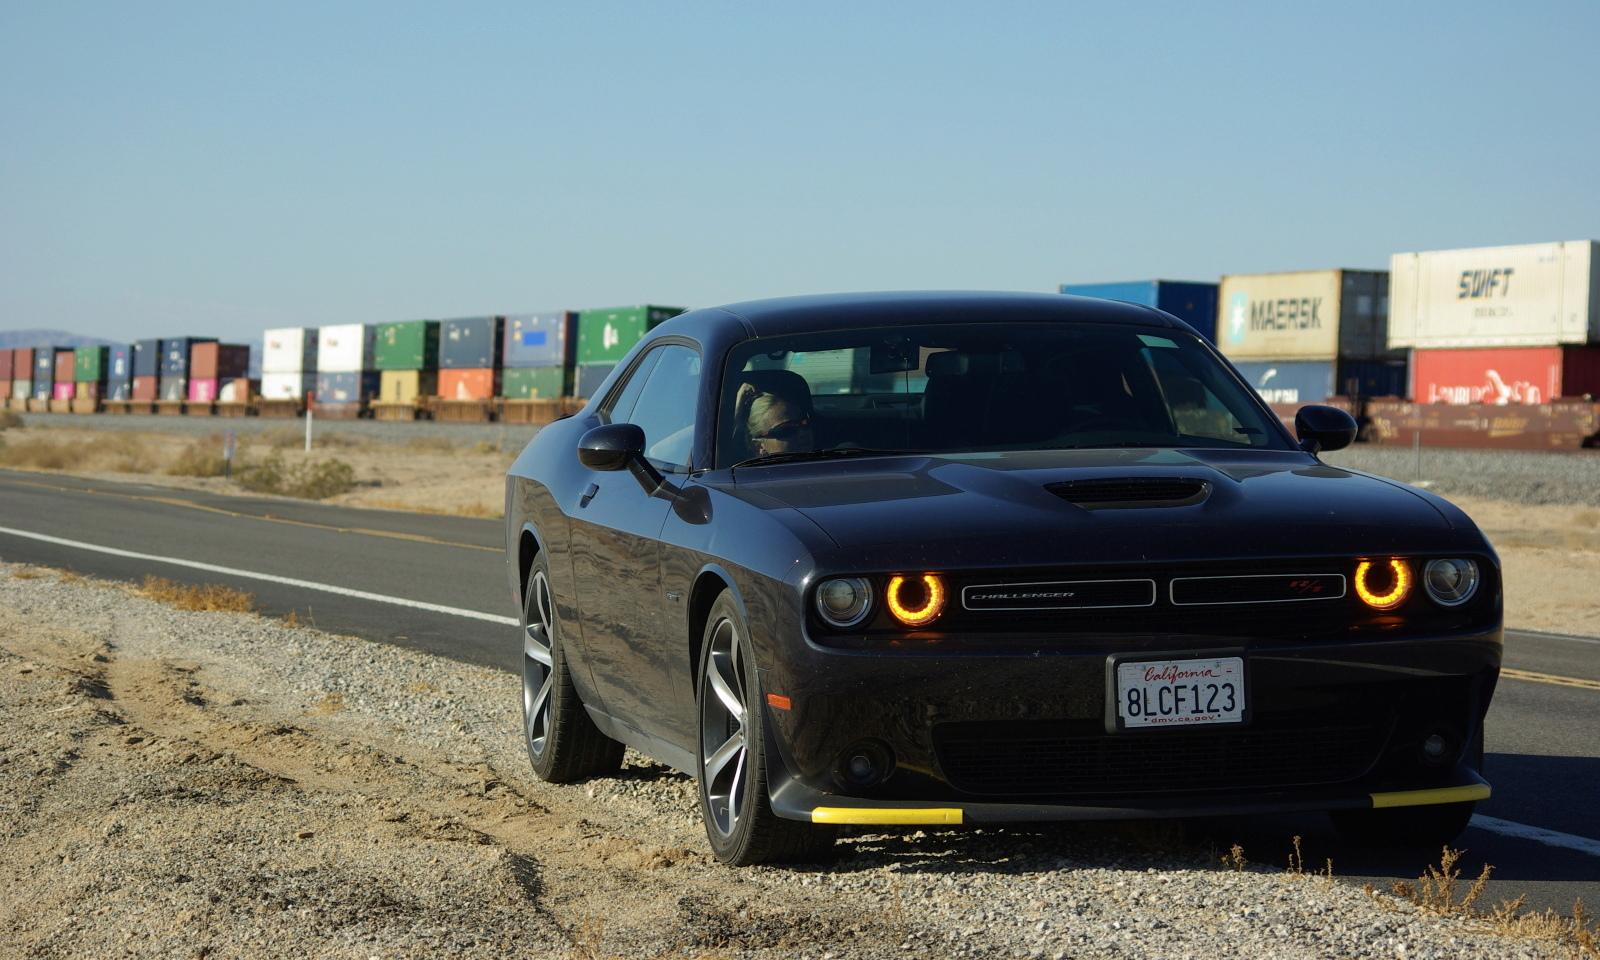 Road Trip / Ouest des USA en Challenger de location -Part II Imgpk252